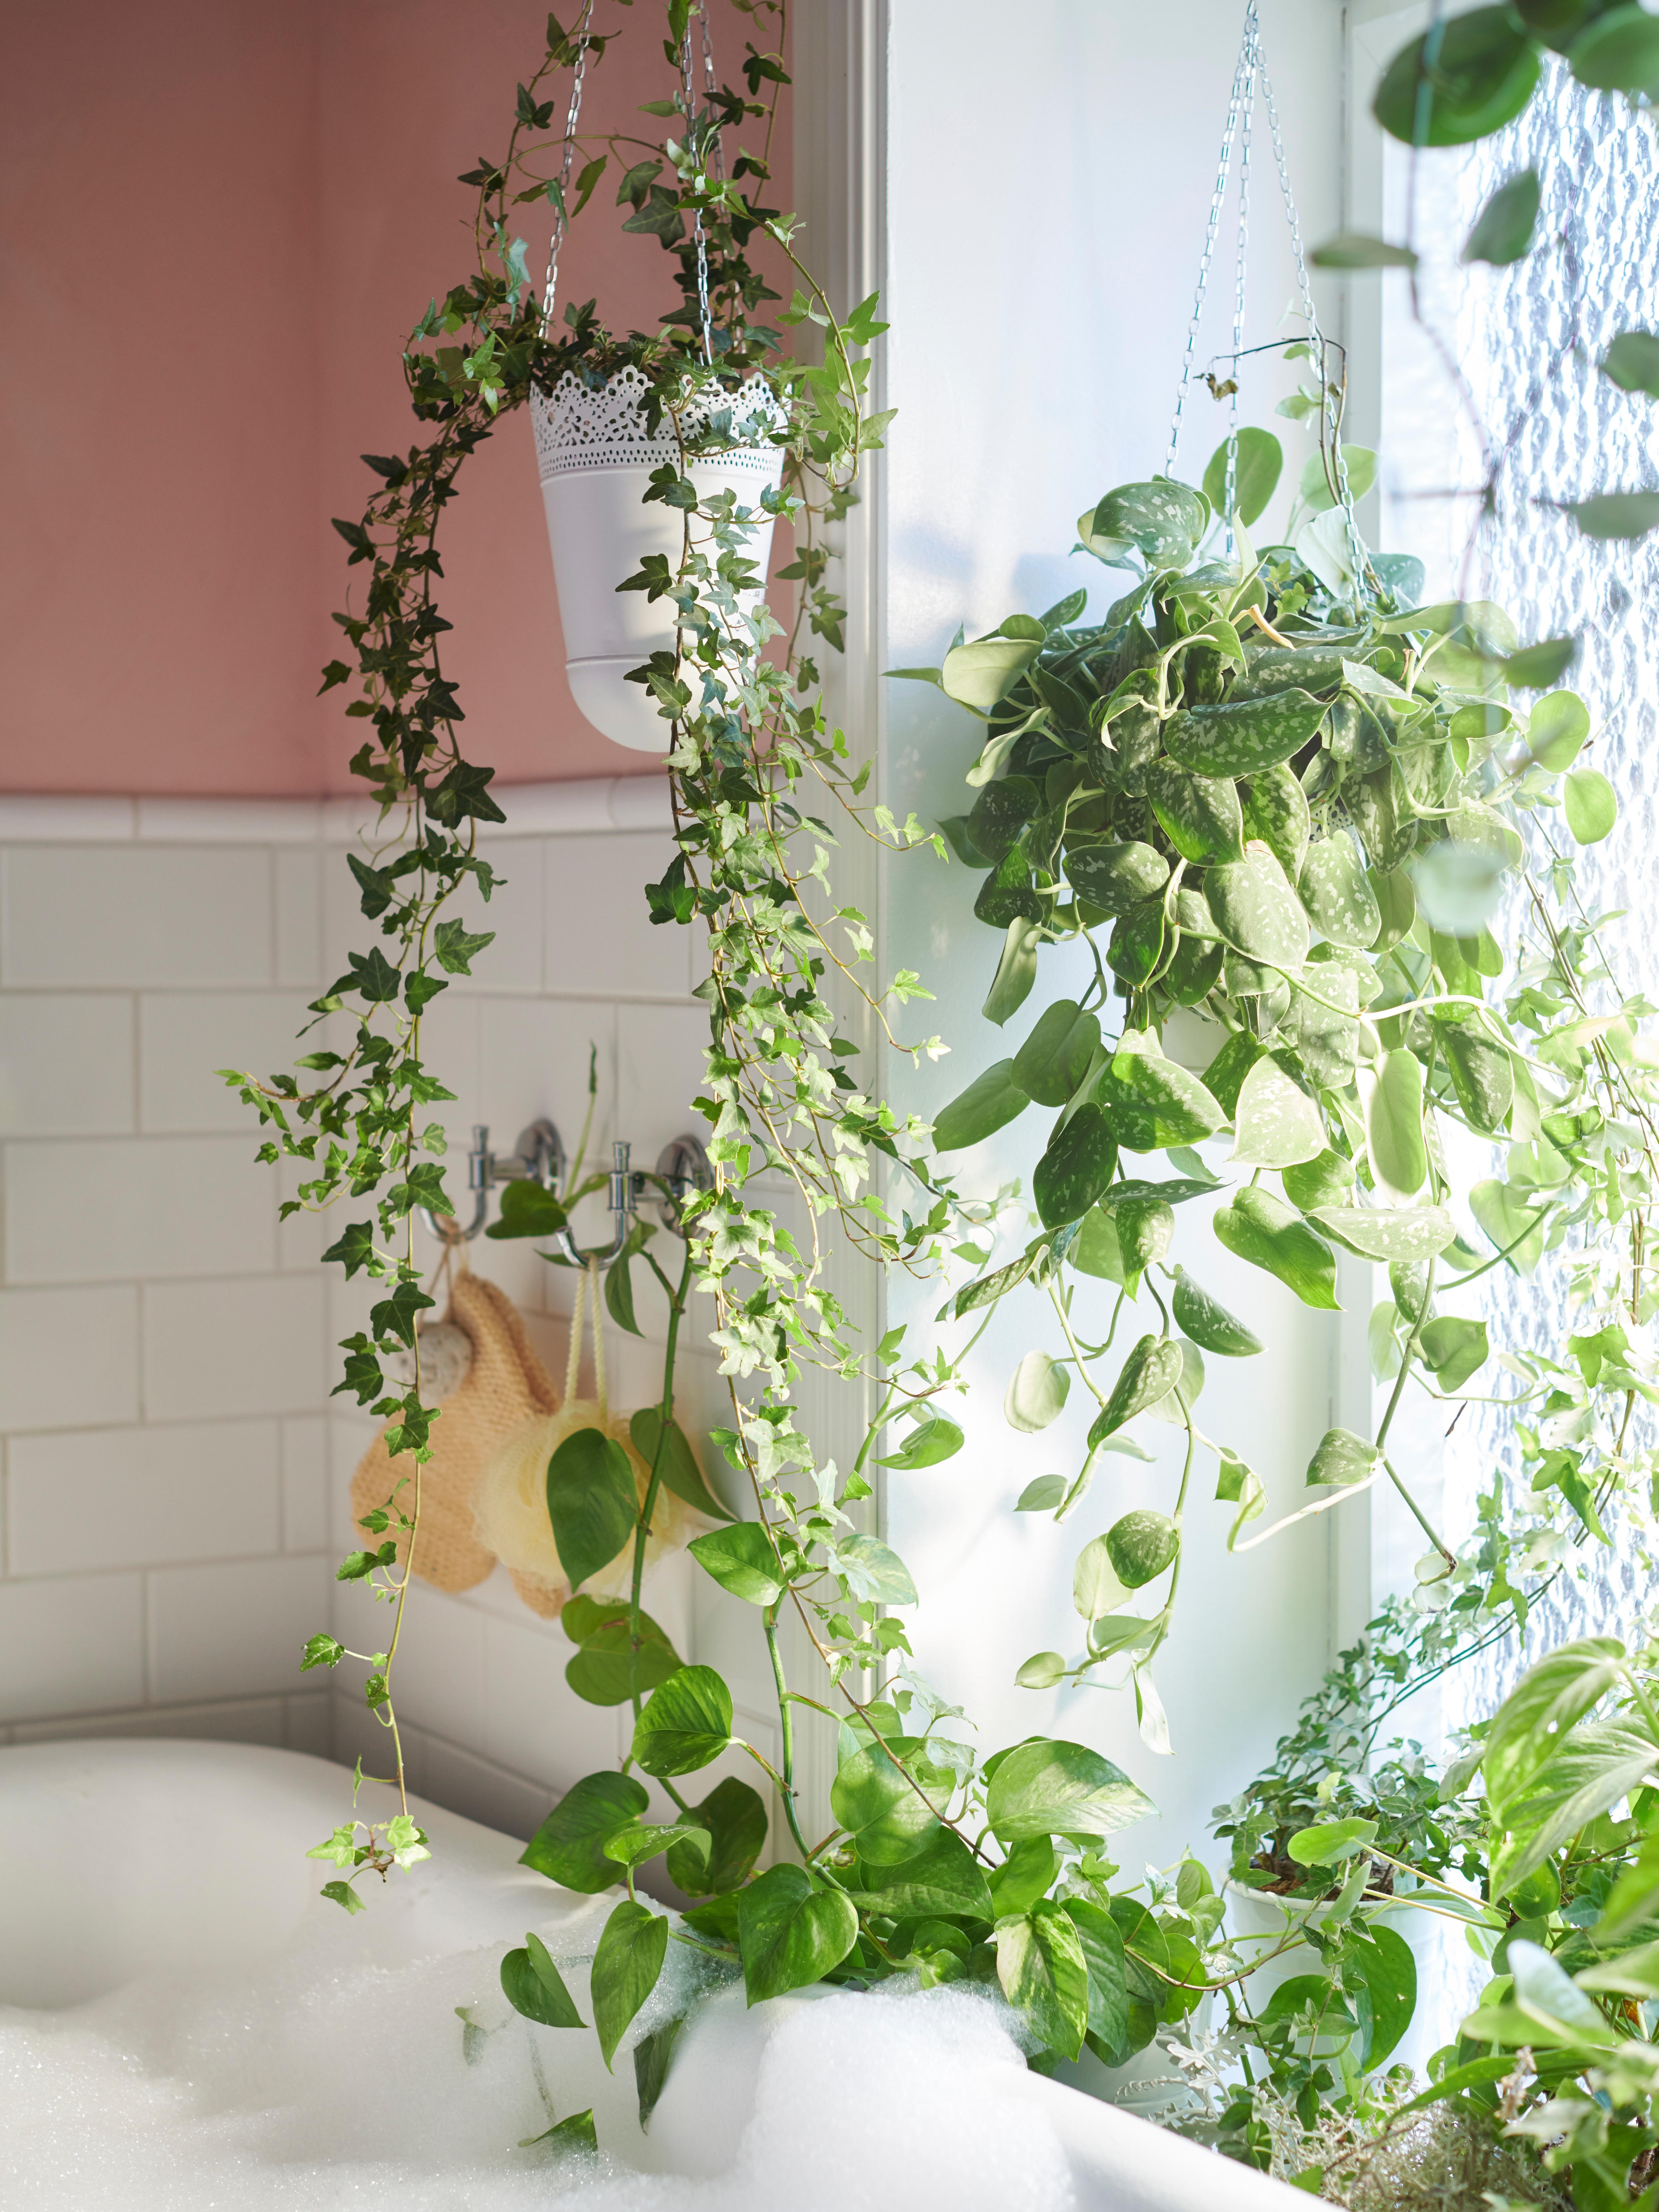 Sivo-bijela, unutarnja/vanjska SKURAR viseća tegla za biljke u kojoj je viseća biljka pored prozora punog lončanica pored kade.